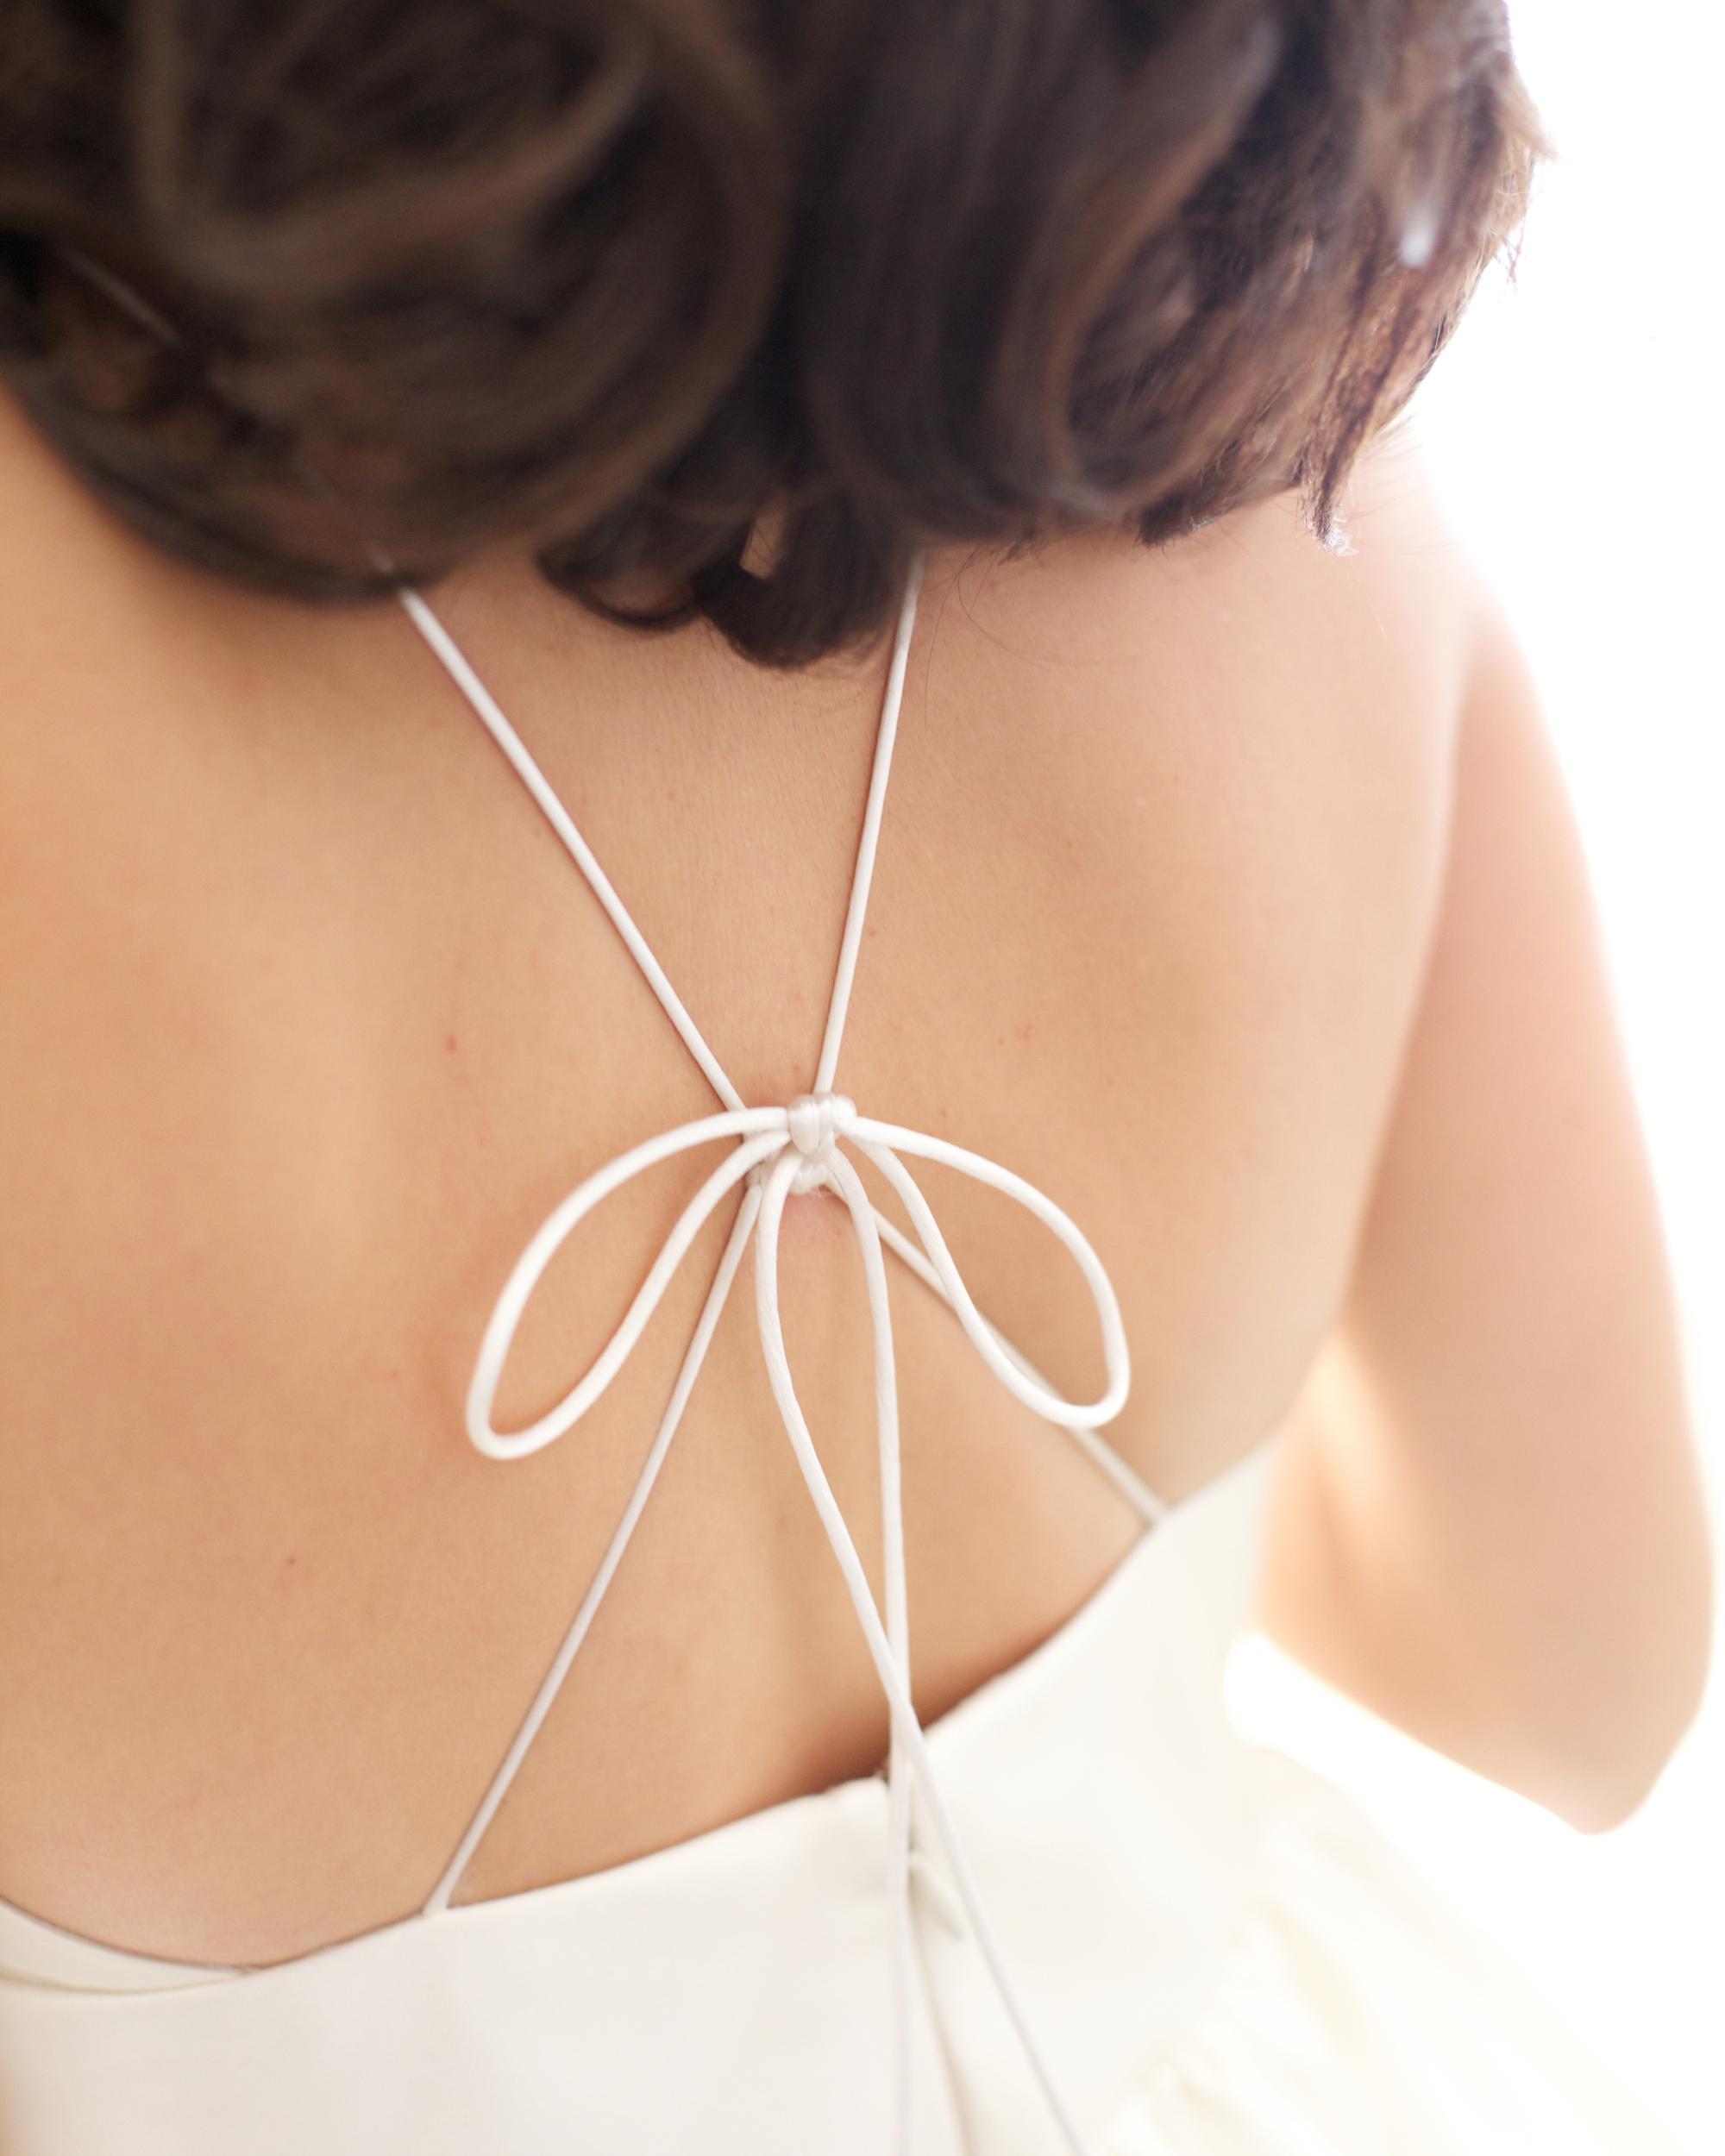 emily-brett-wedding-dress-0414.jpg